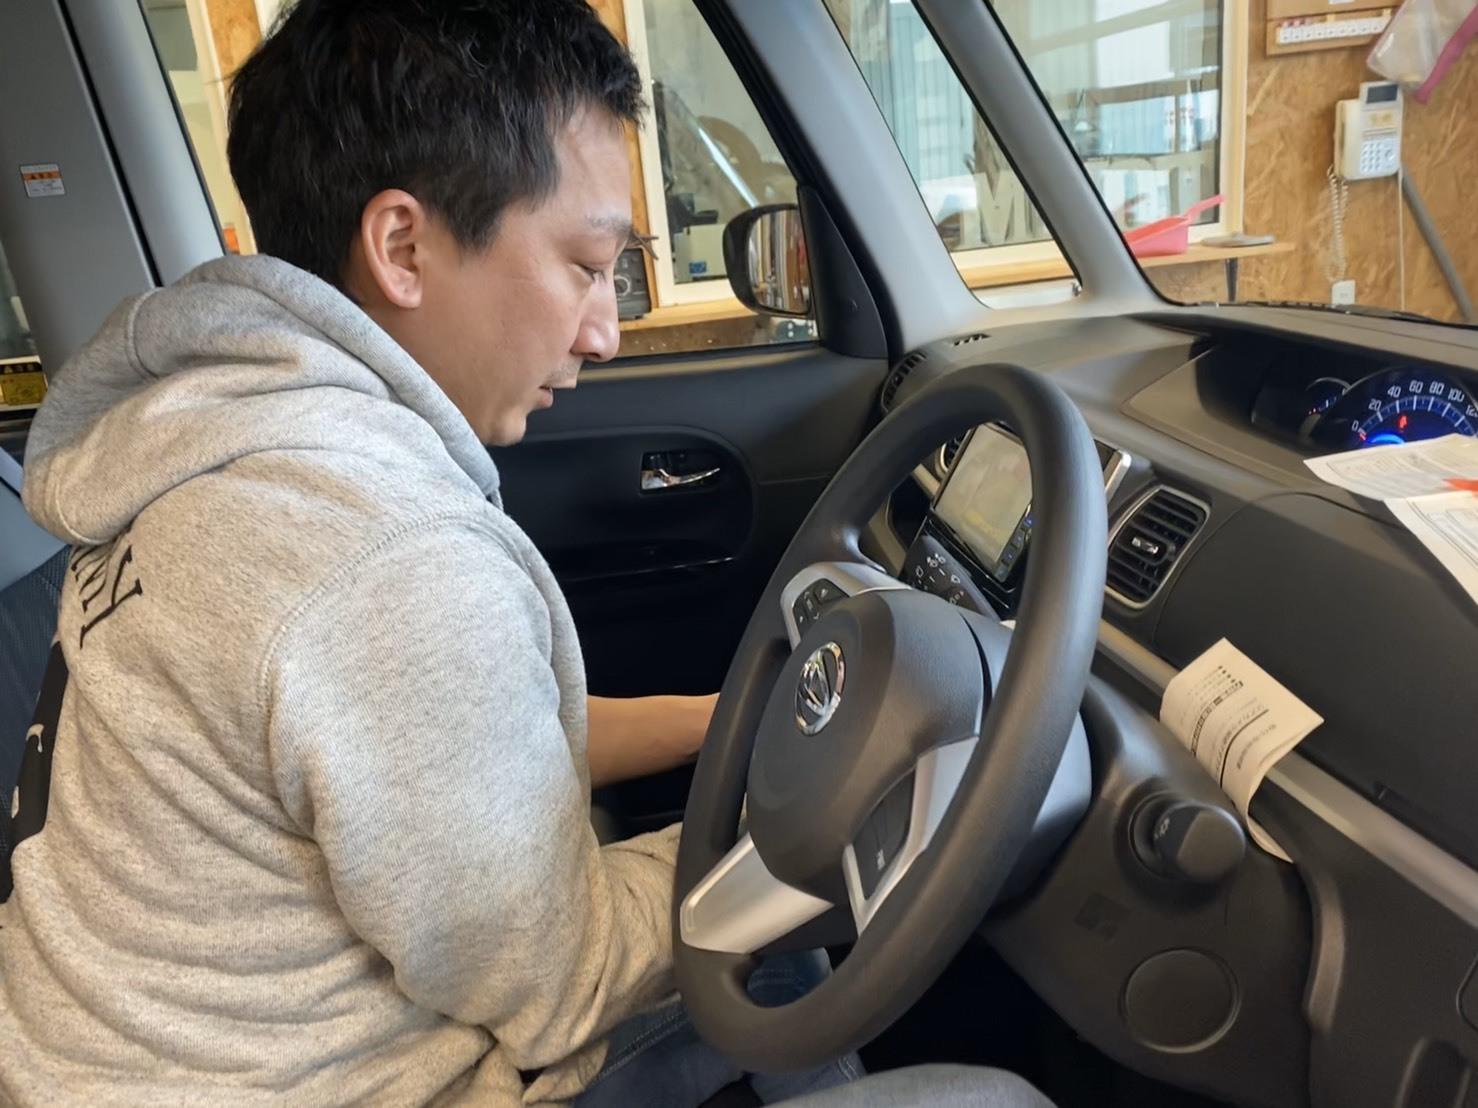 2/14(金)本店ブログ ハイエース5ドアバン3.0DT スーパーGLロング 4WD あります!! ランクル ハイエース ハマーならTOMMY_b0127002_20071124.jpg